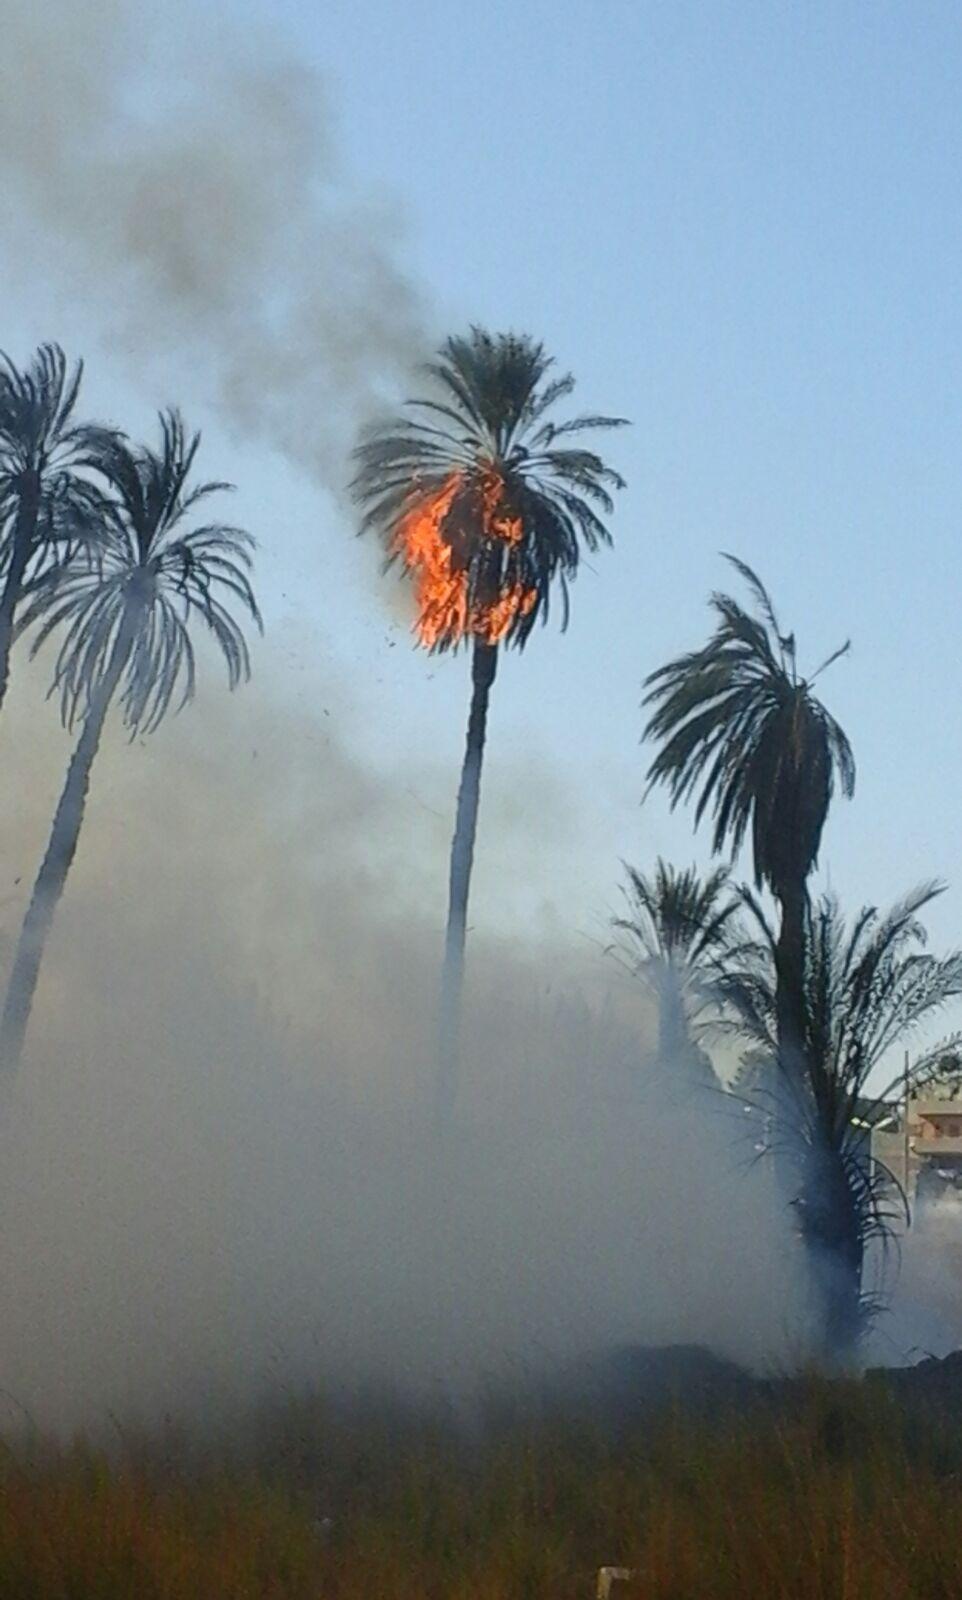 حريق هائل يلتهم النخيل بالأقصر وسط محاولات للسيطرة عليه